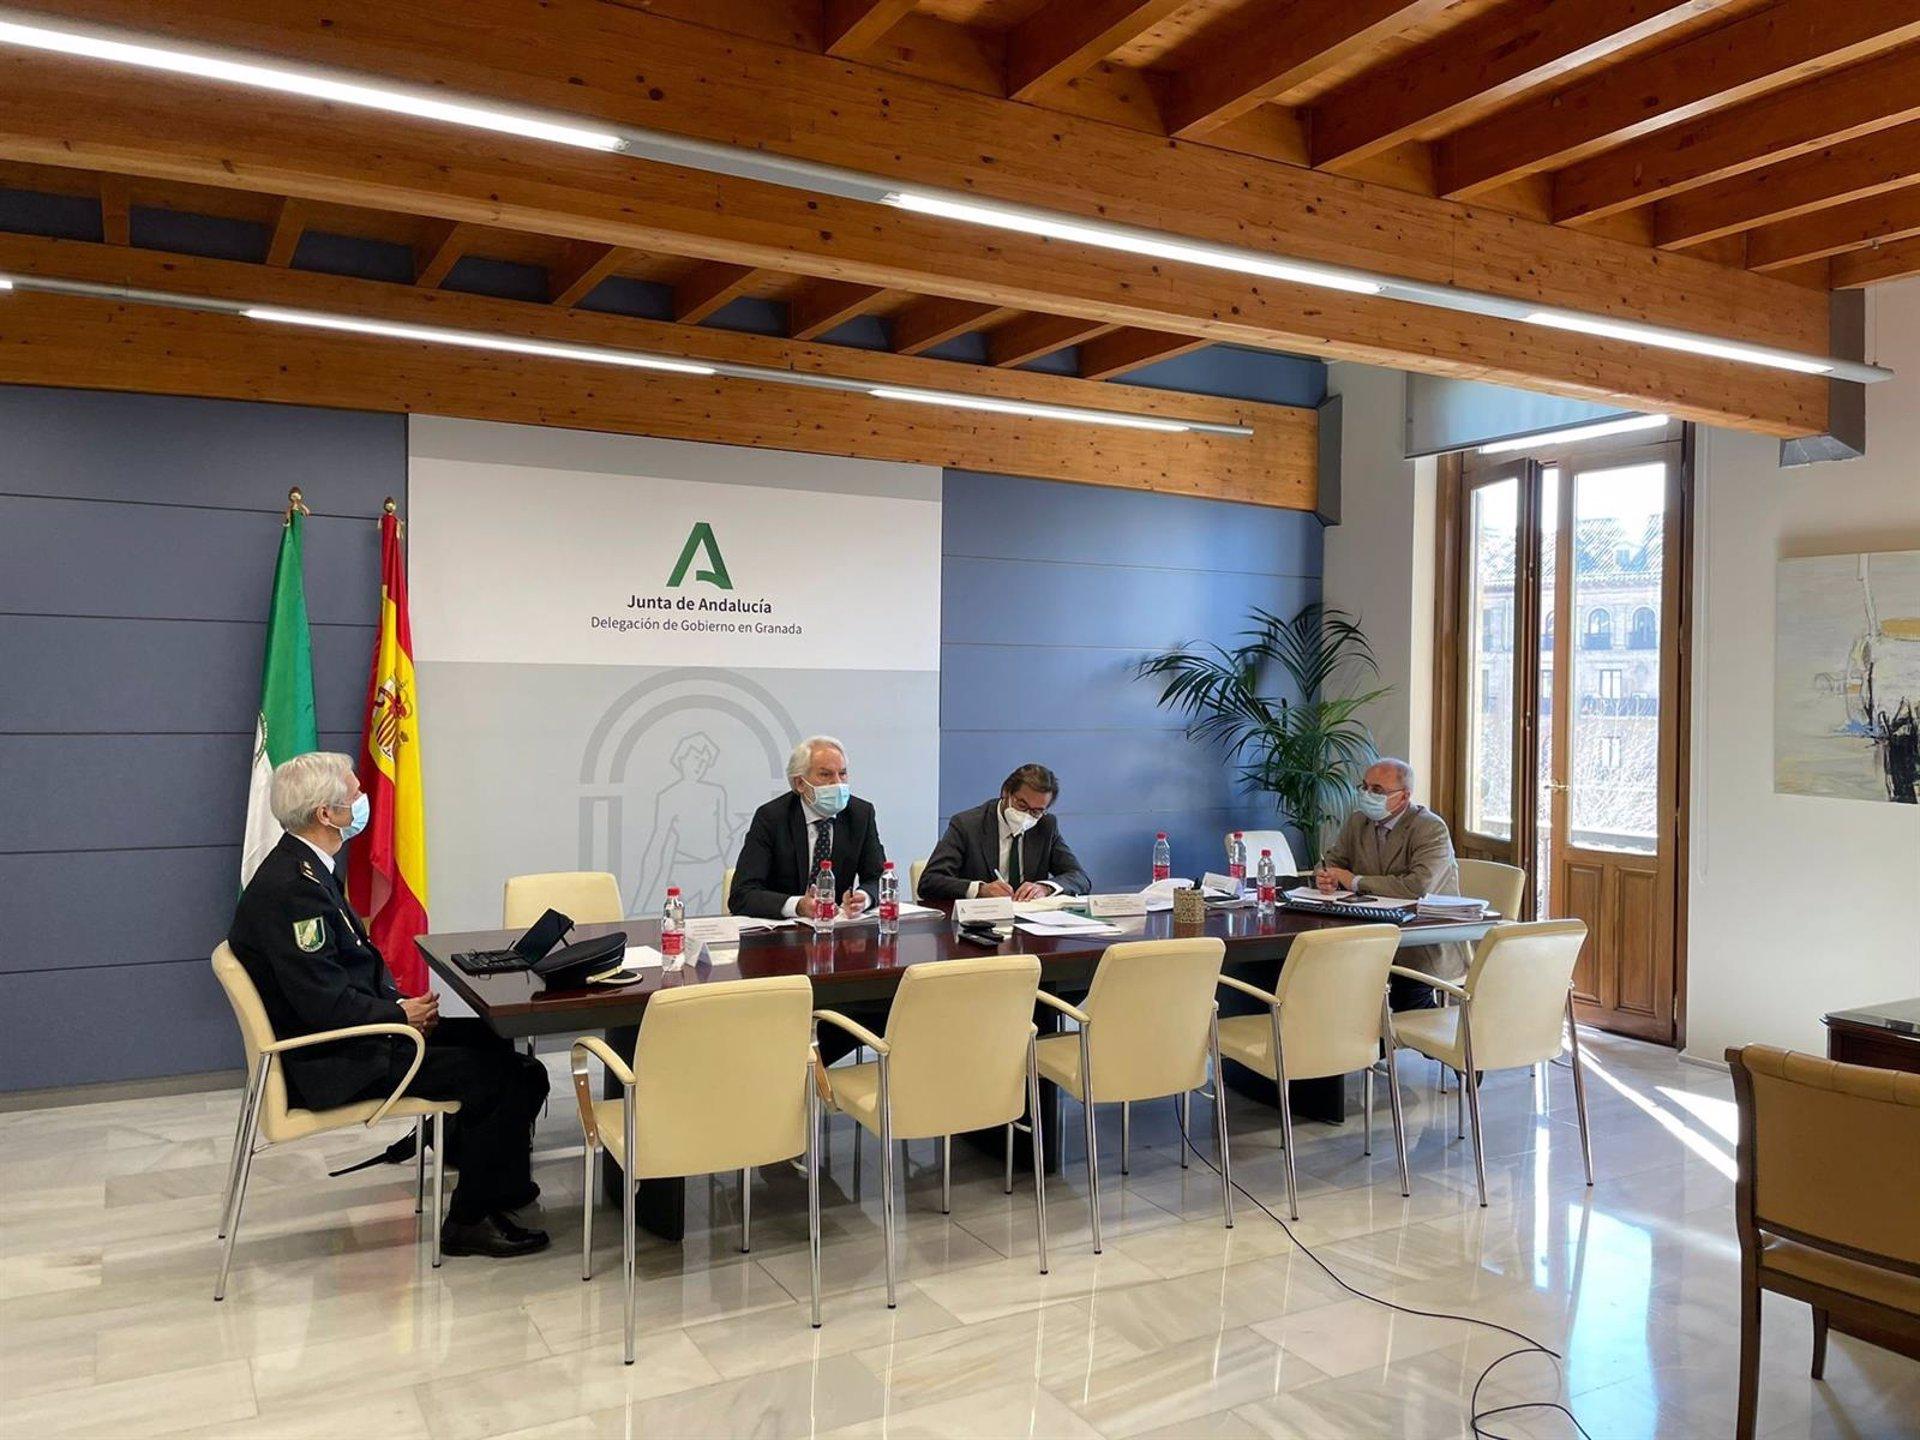 El Comité del Plan ante el Riesgo Sísmico avanza en sus trabajos de coordinación, formación y difusión